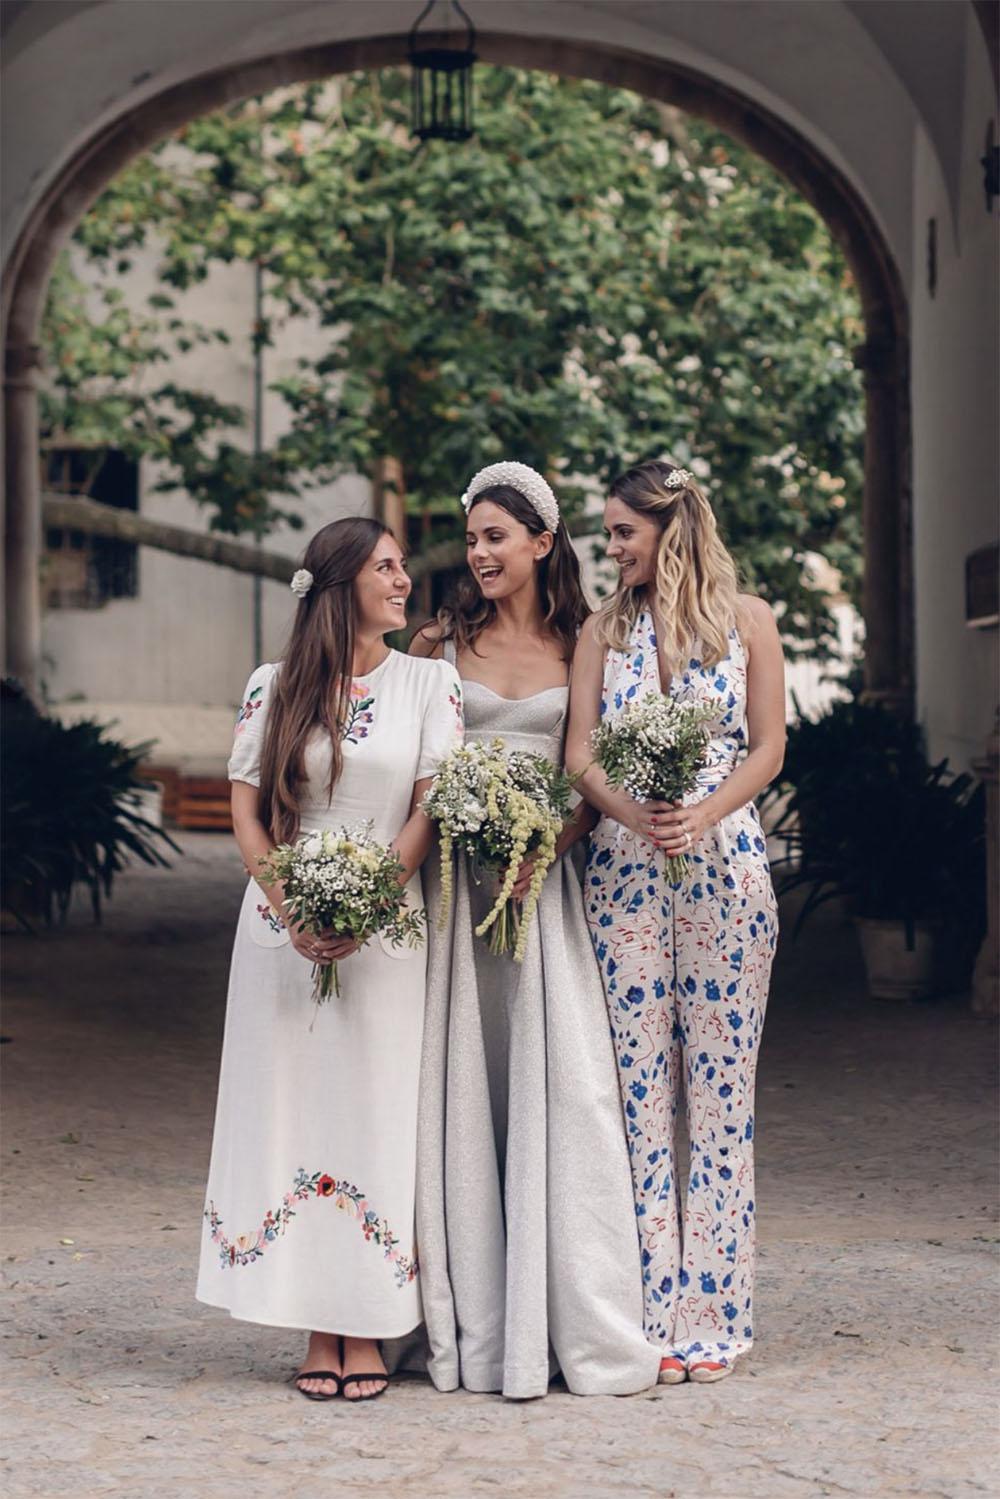 Mismatched Floral Bridesmaid Dresses Copy